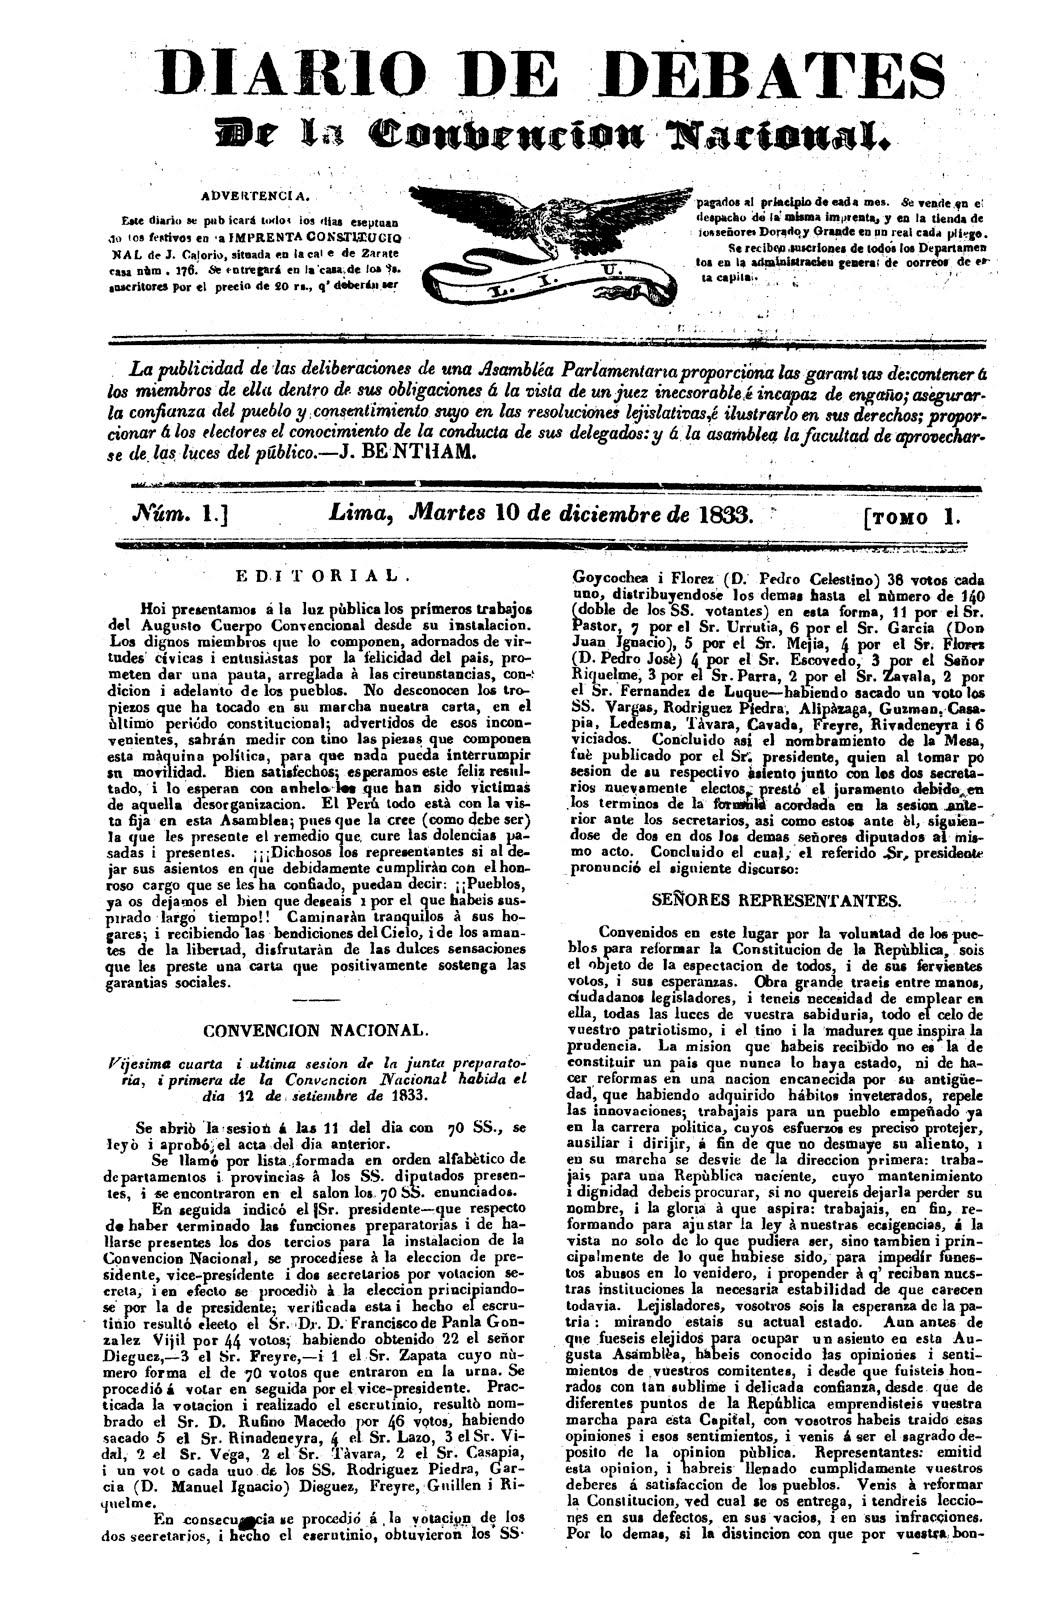 Diario de Debates de la Convención Nacional 1833-1834